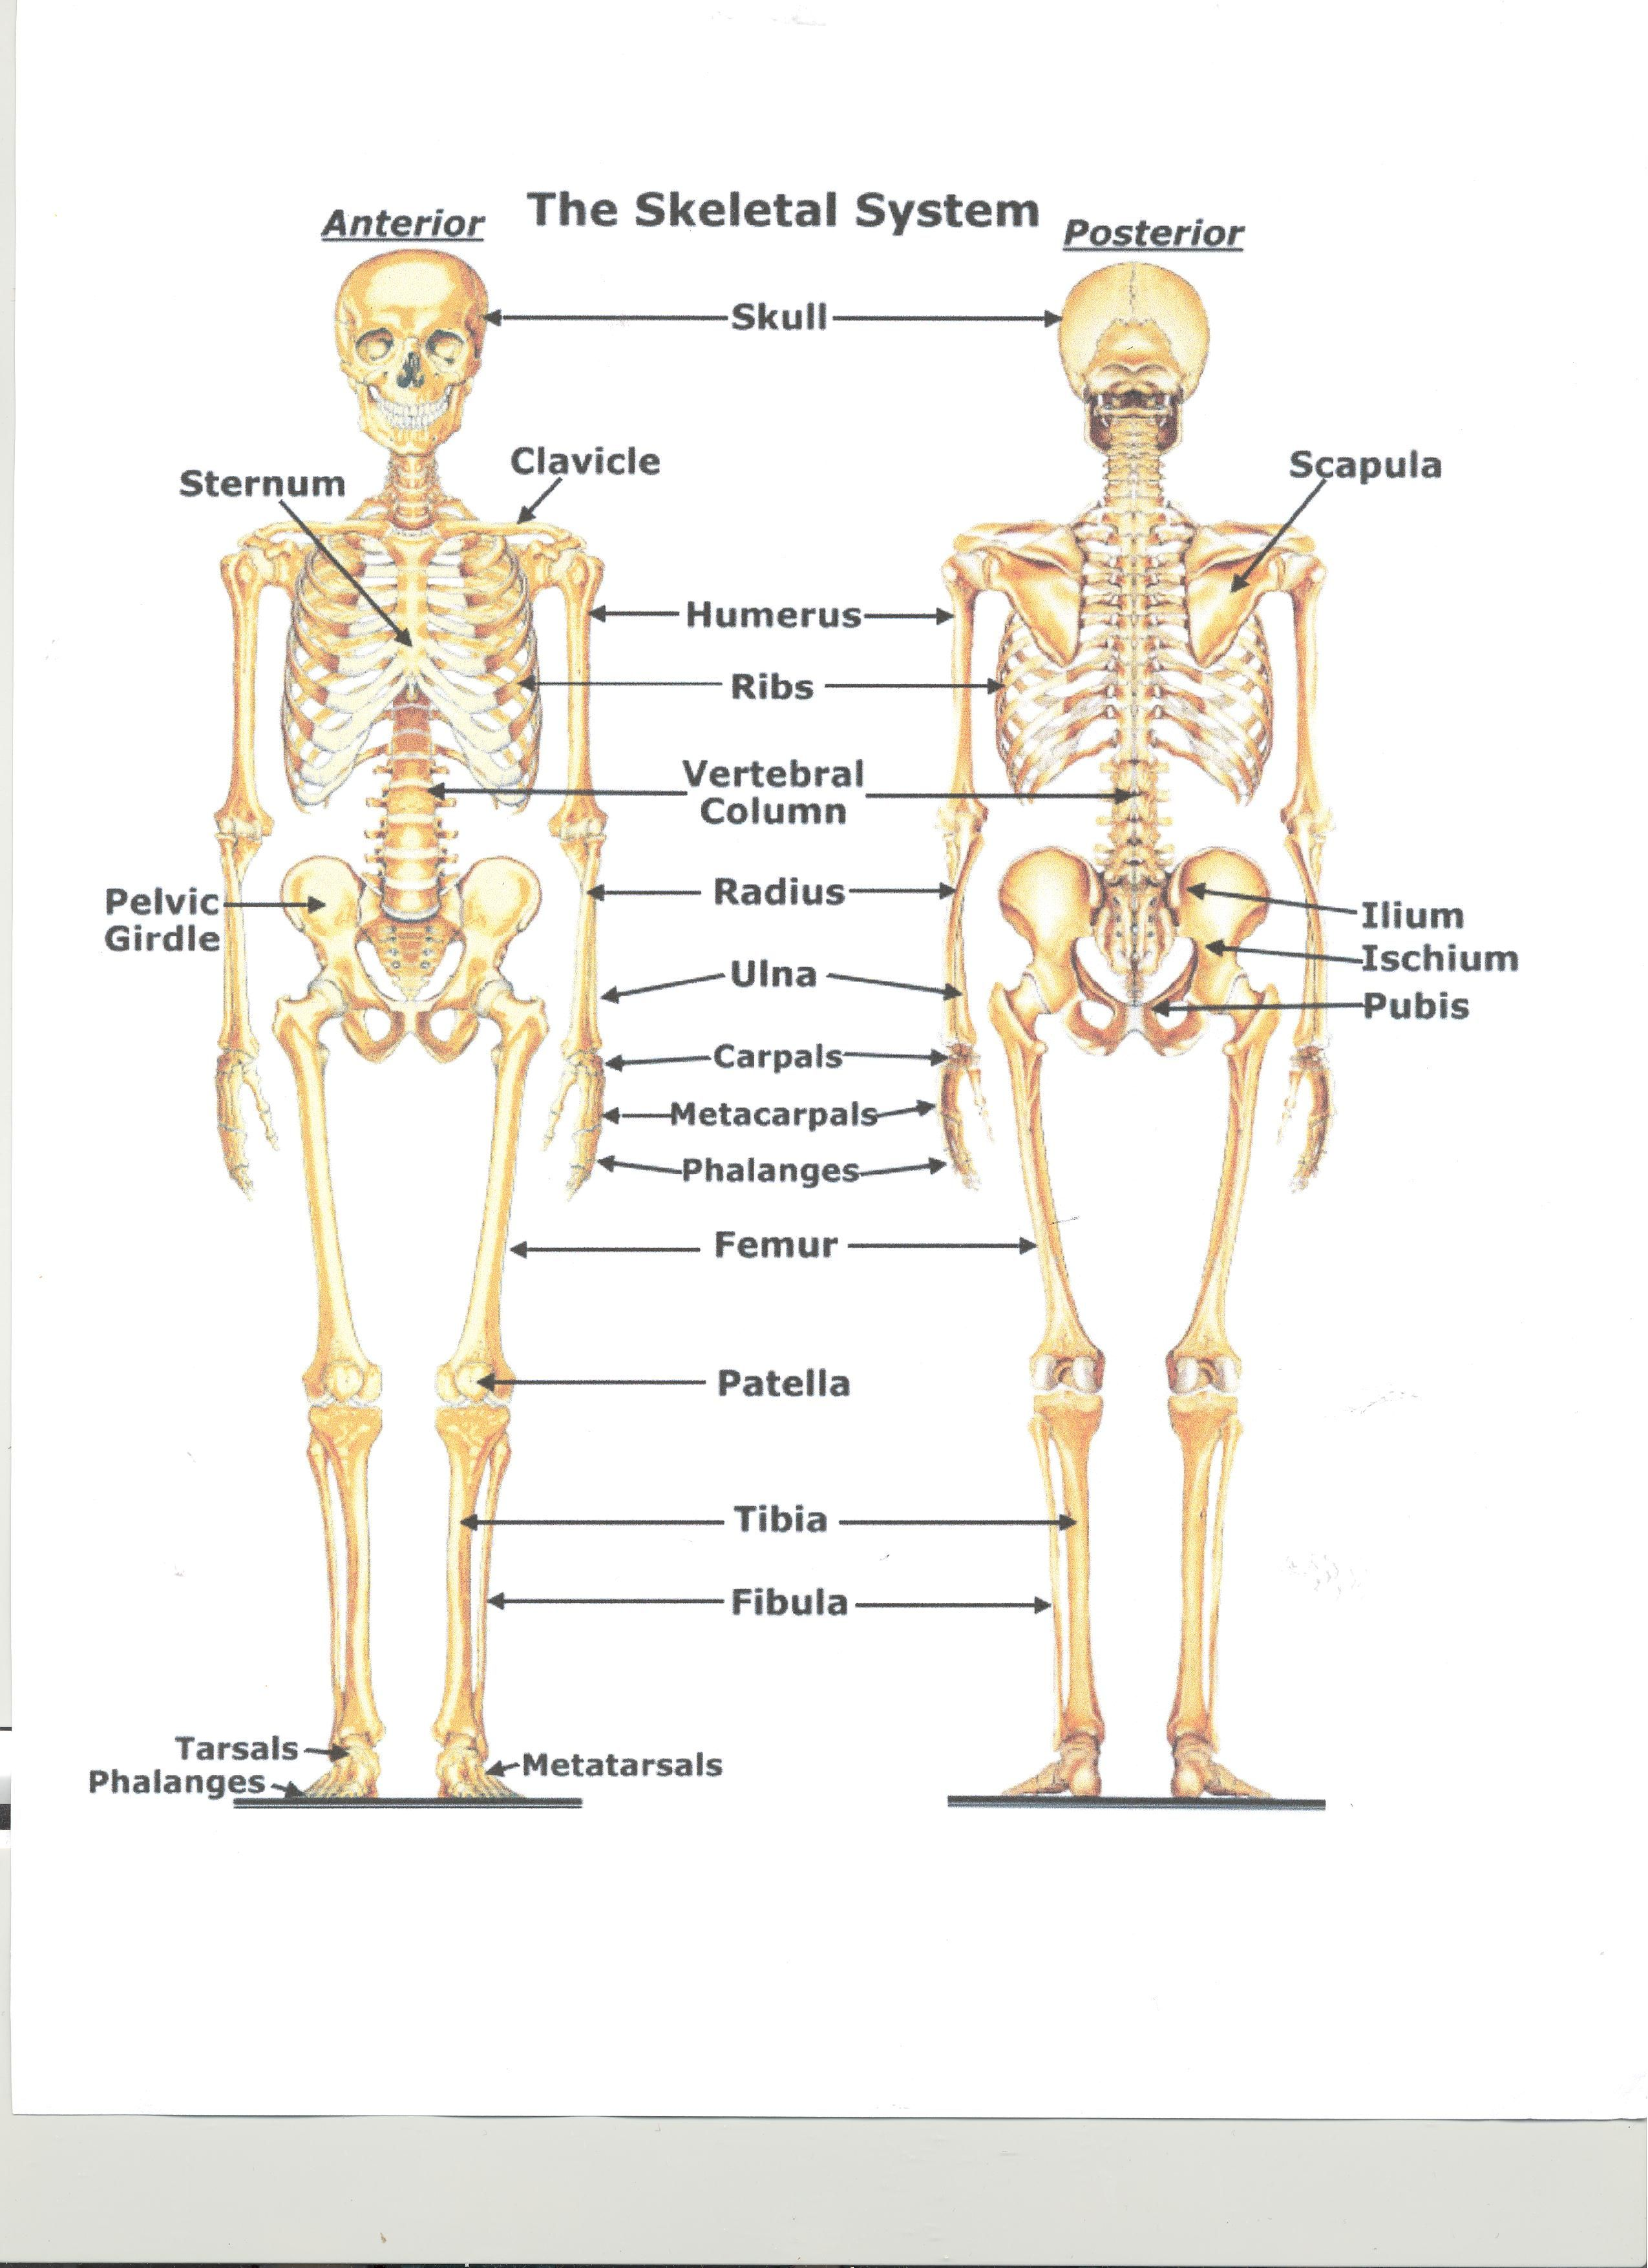 skeletal system diagram - Google Search | medical | Pinterest